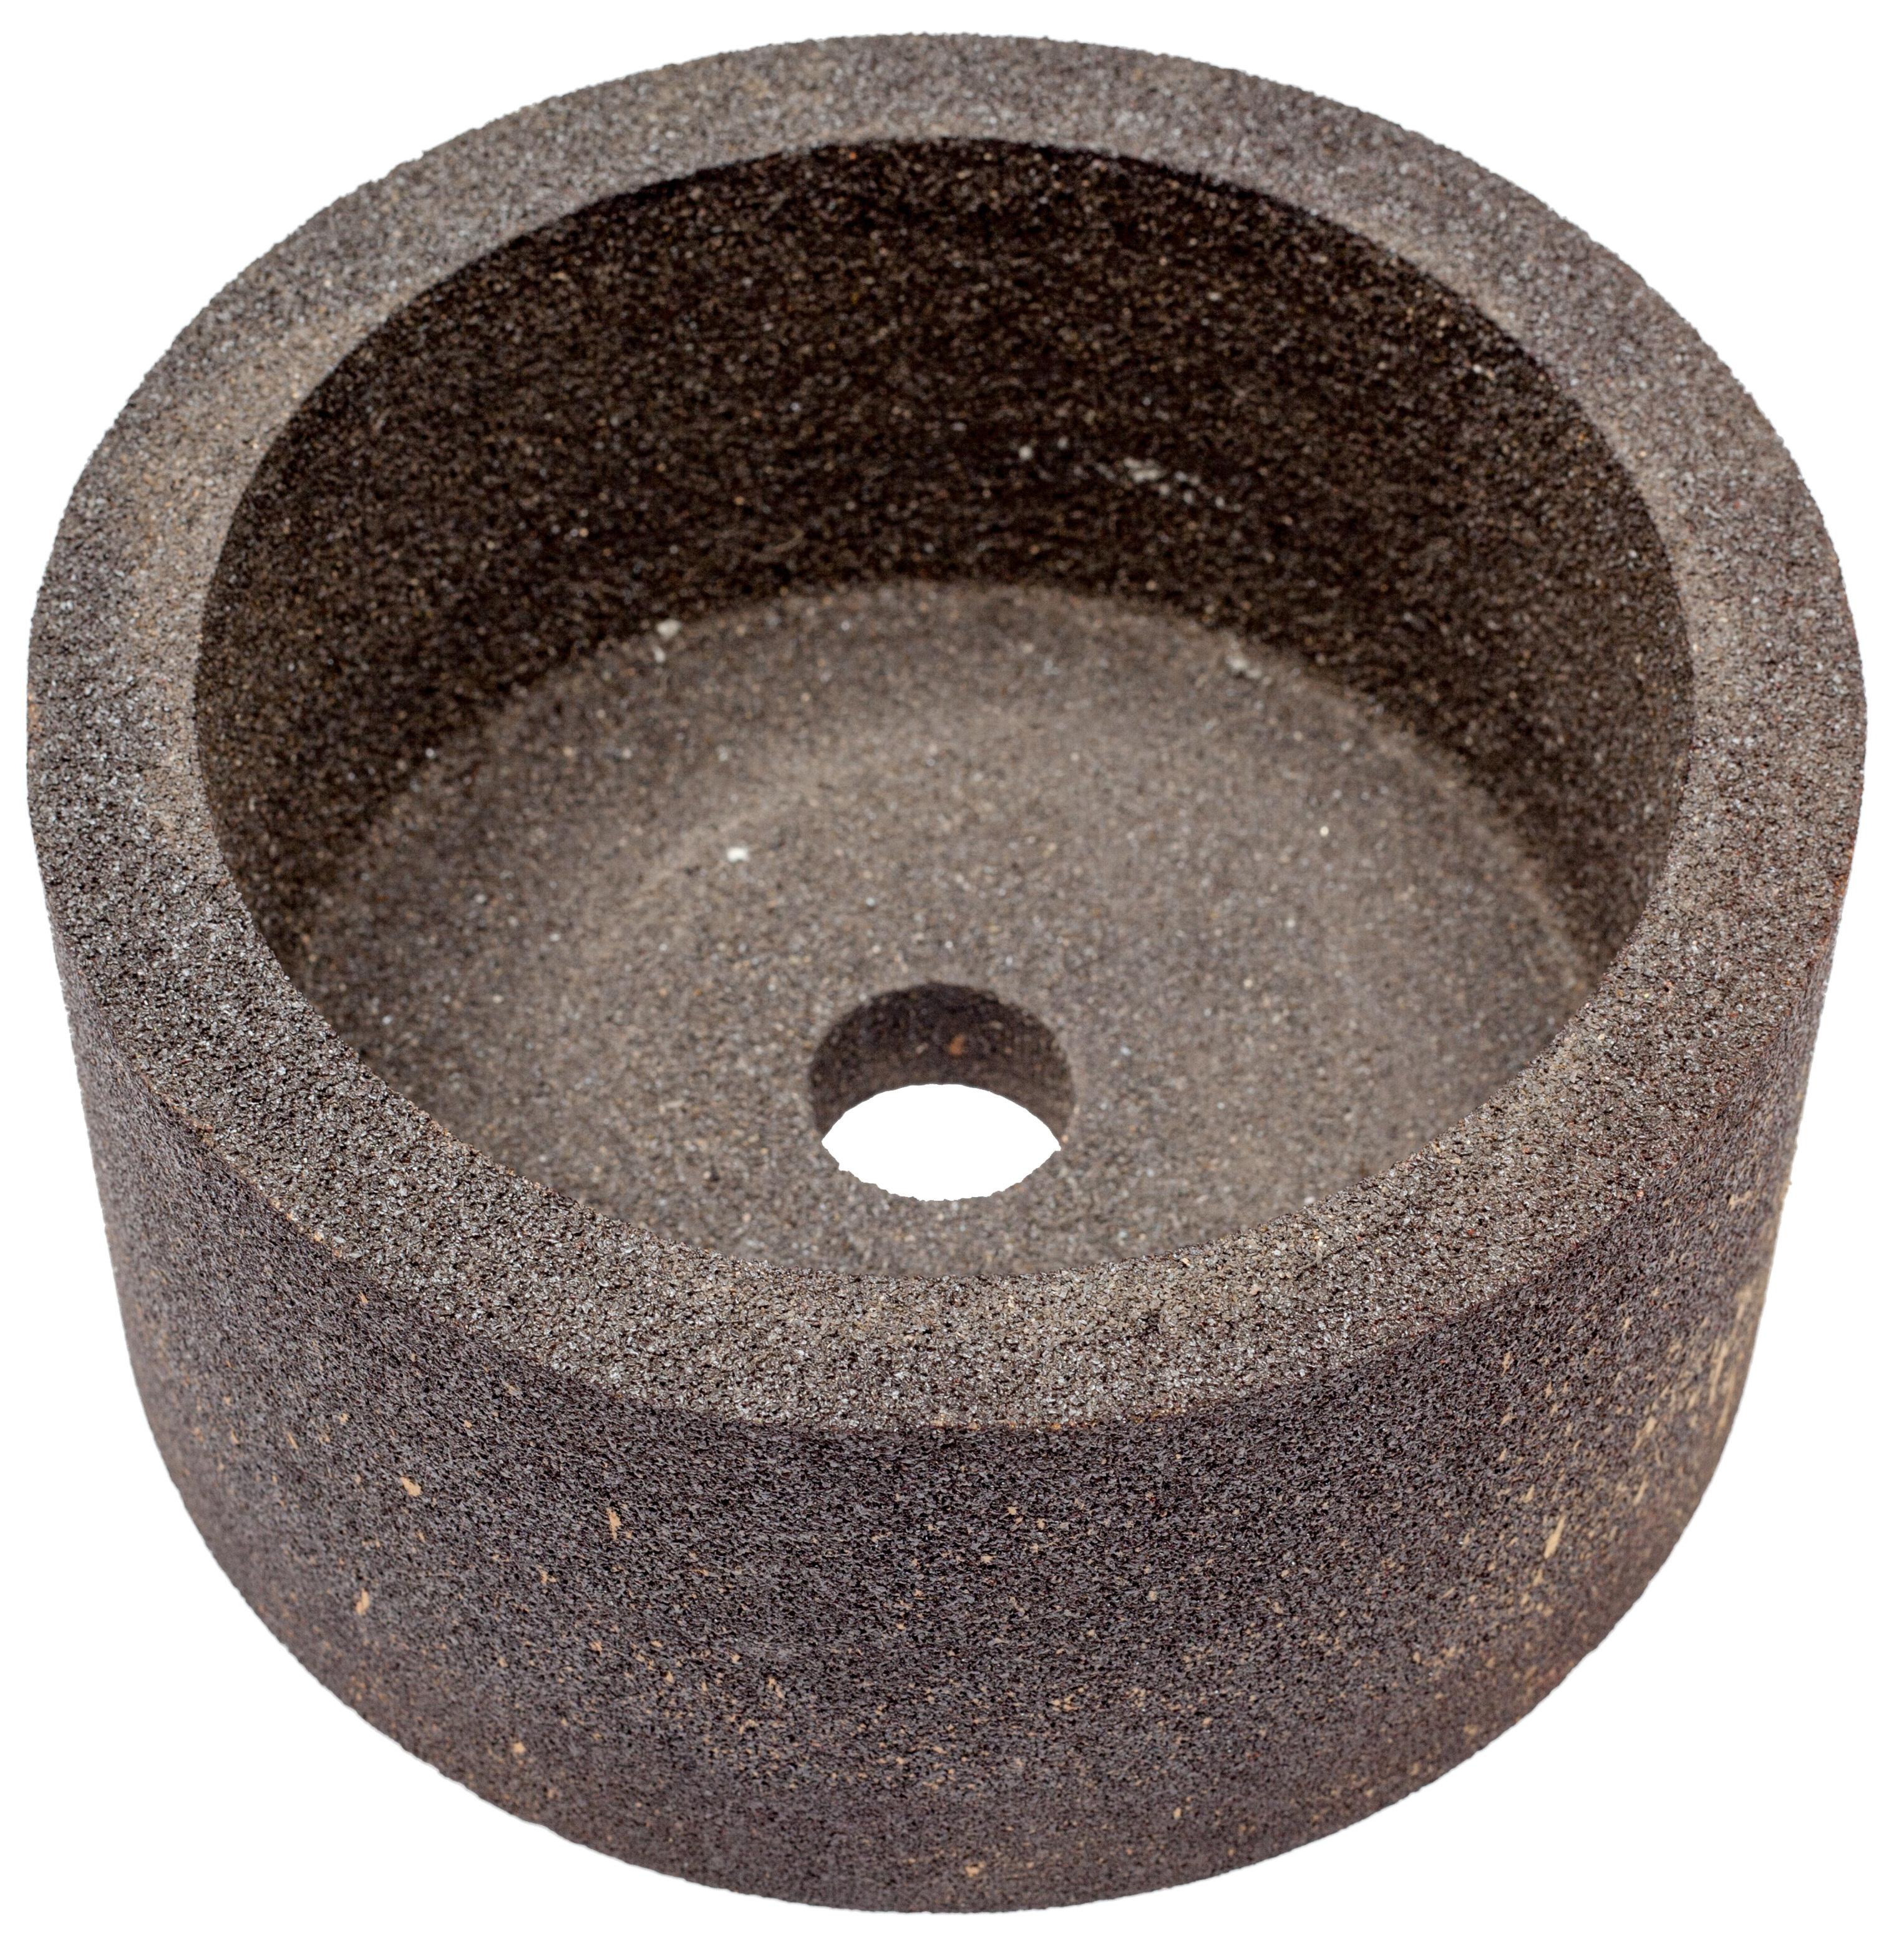 Cup Grinding Wheels